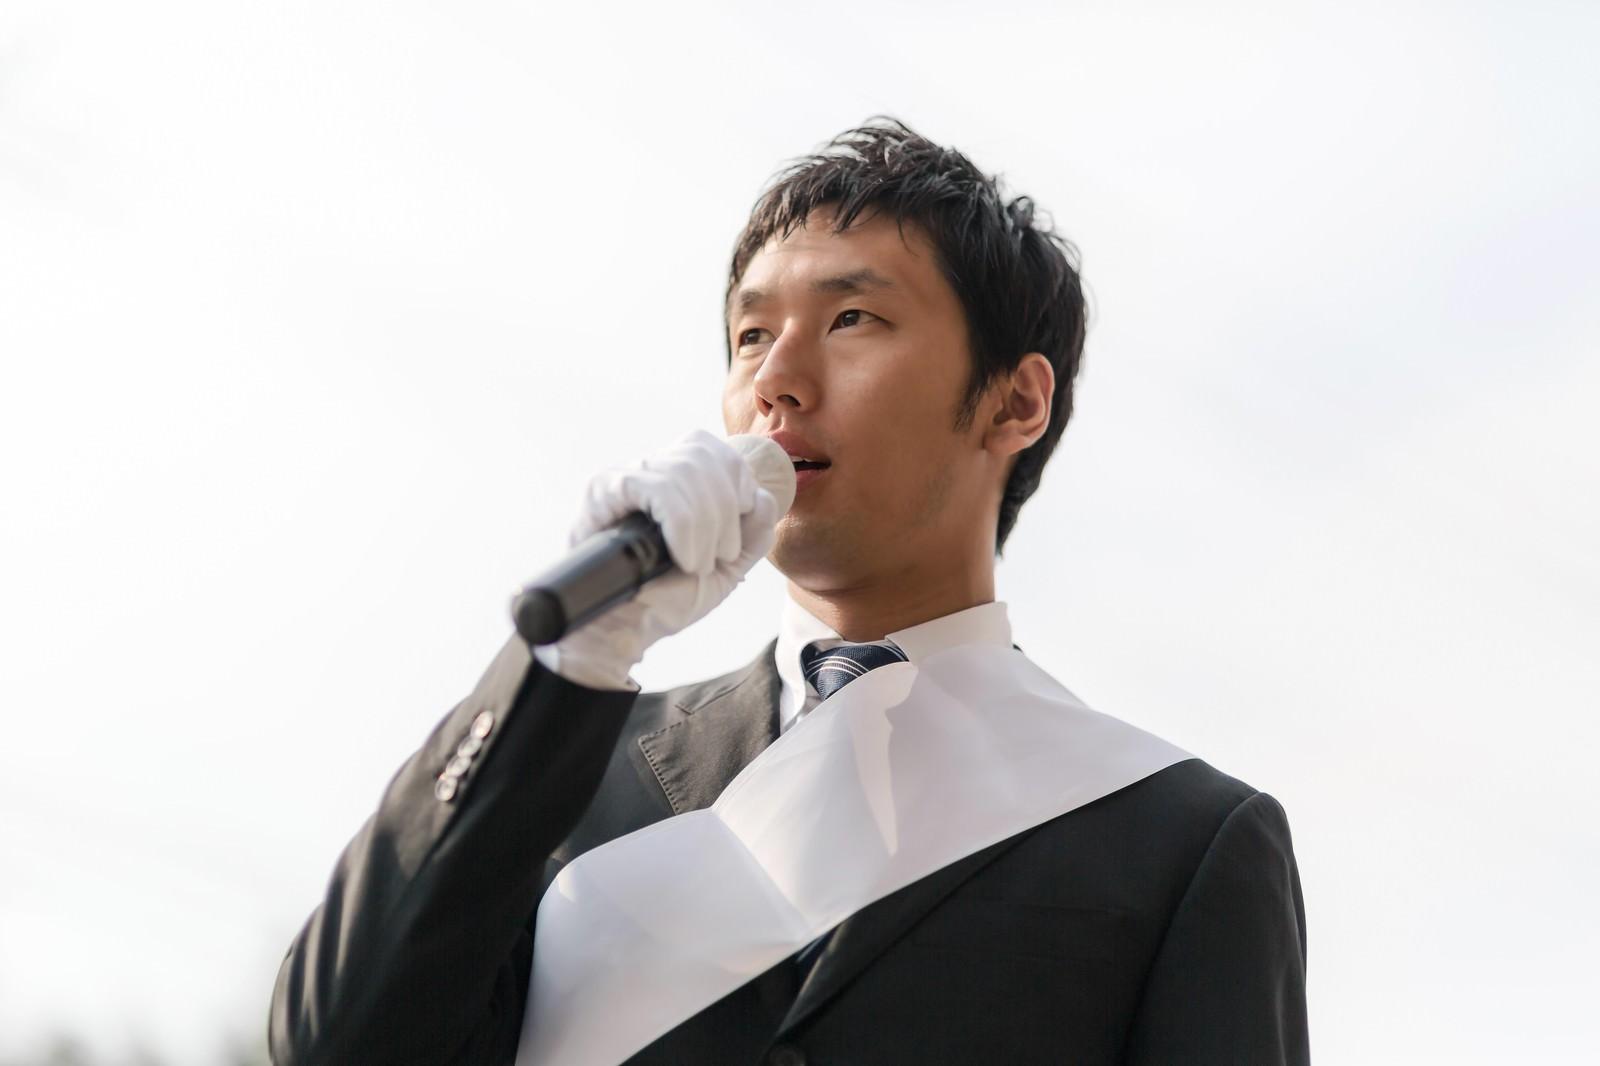 「街宣車の上から演説する立候補者」の写真[モデル:大川竜弥]